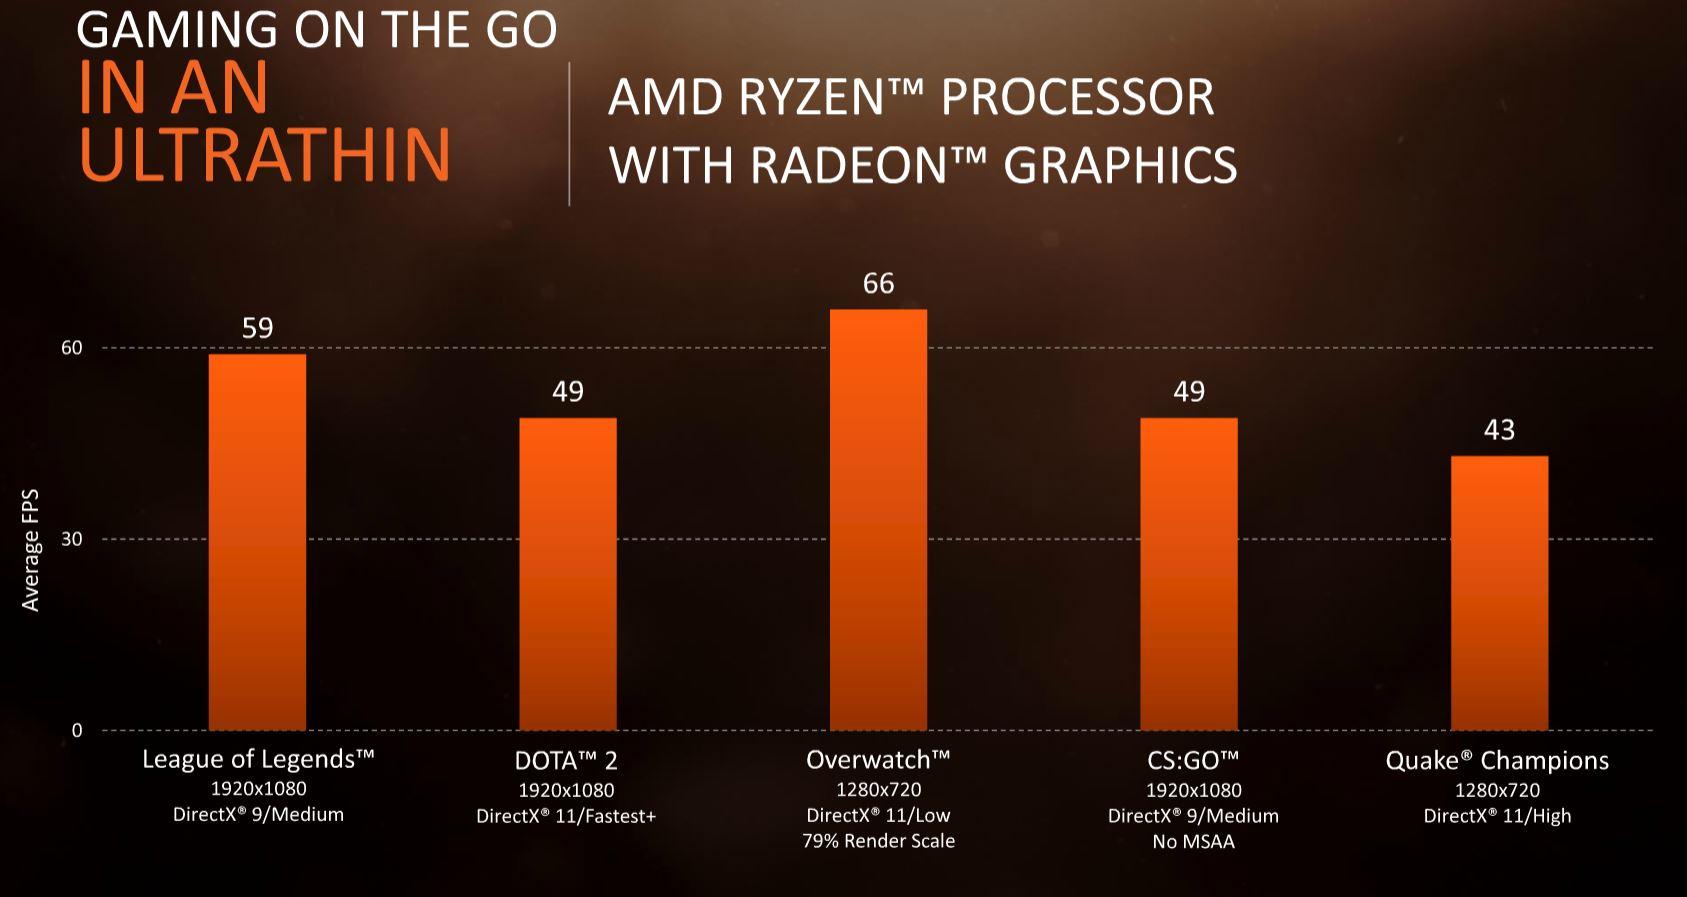 AMD Ryzen Mobile Vega GPU Low Power Games